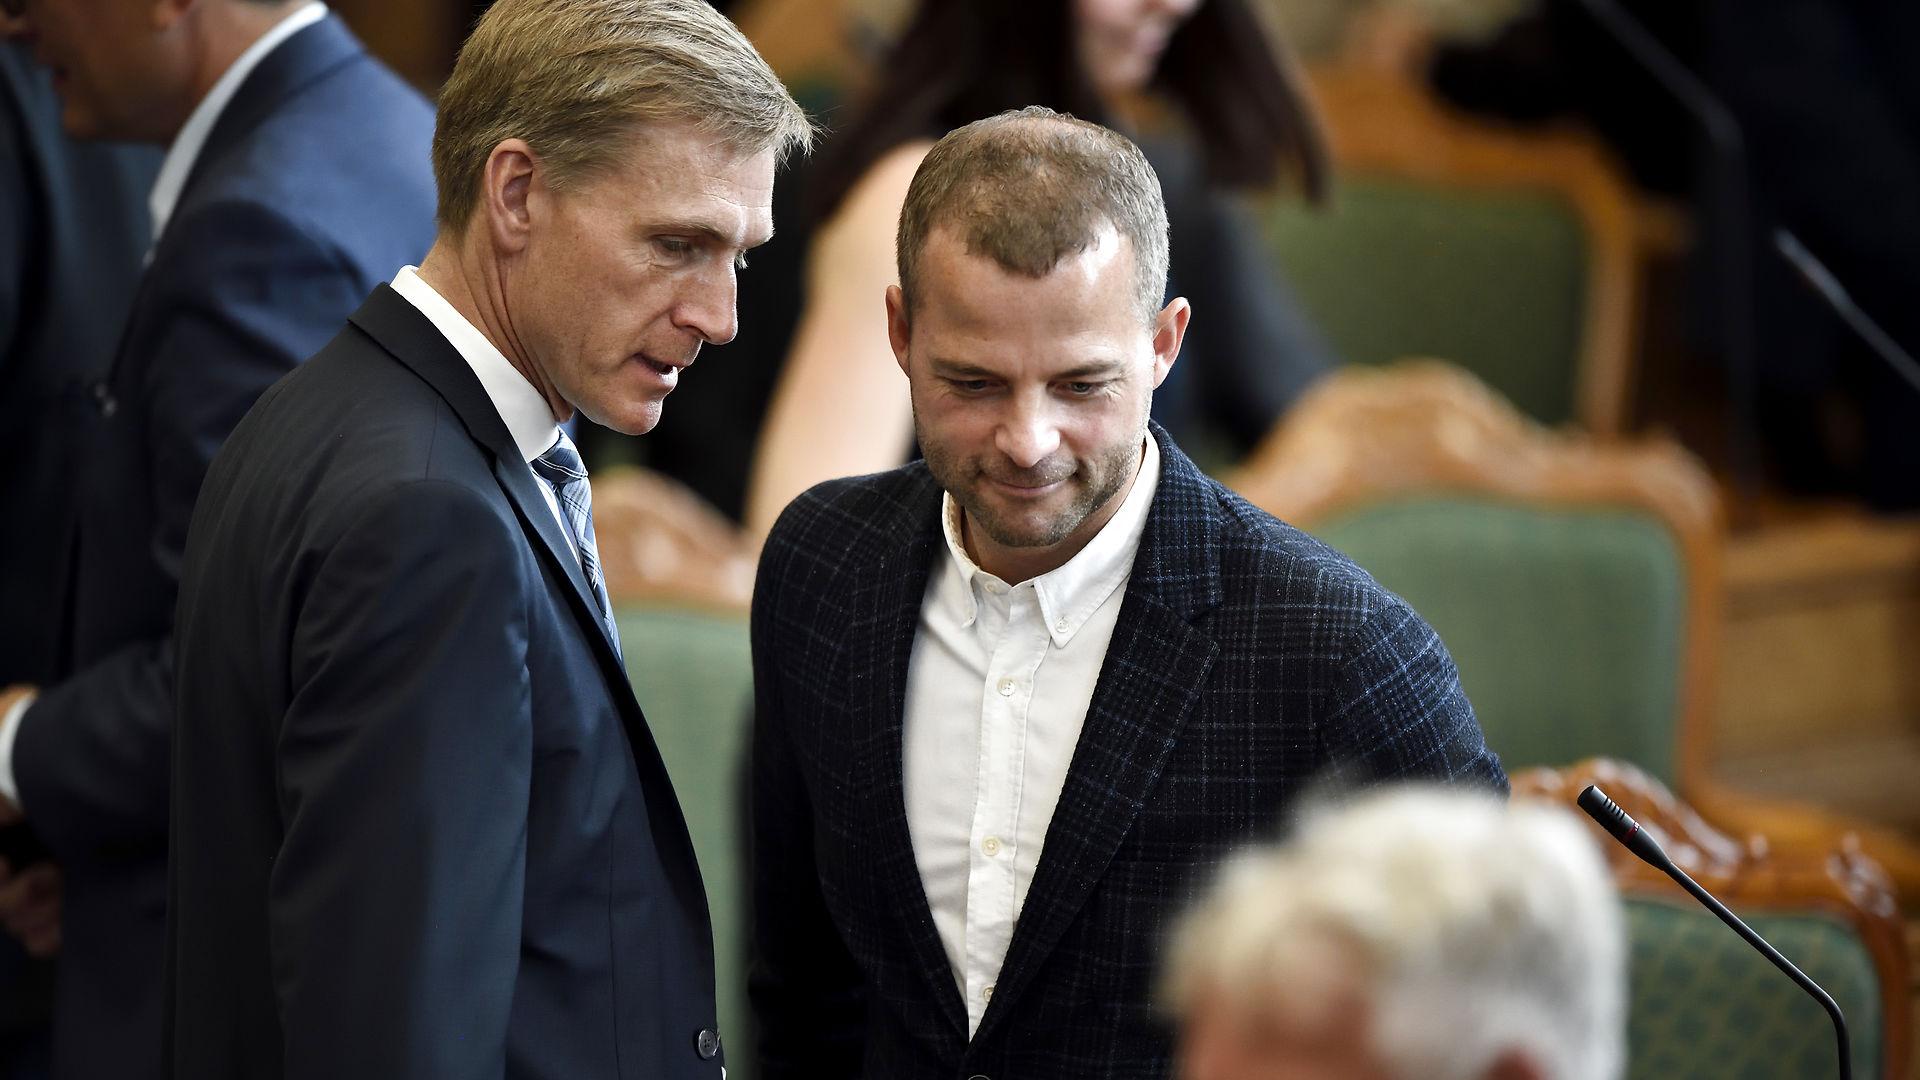 Niels Jespersen: Morten Østergaard forsøger atter at sælge Kristian Thulesen Dahls bjørneskind